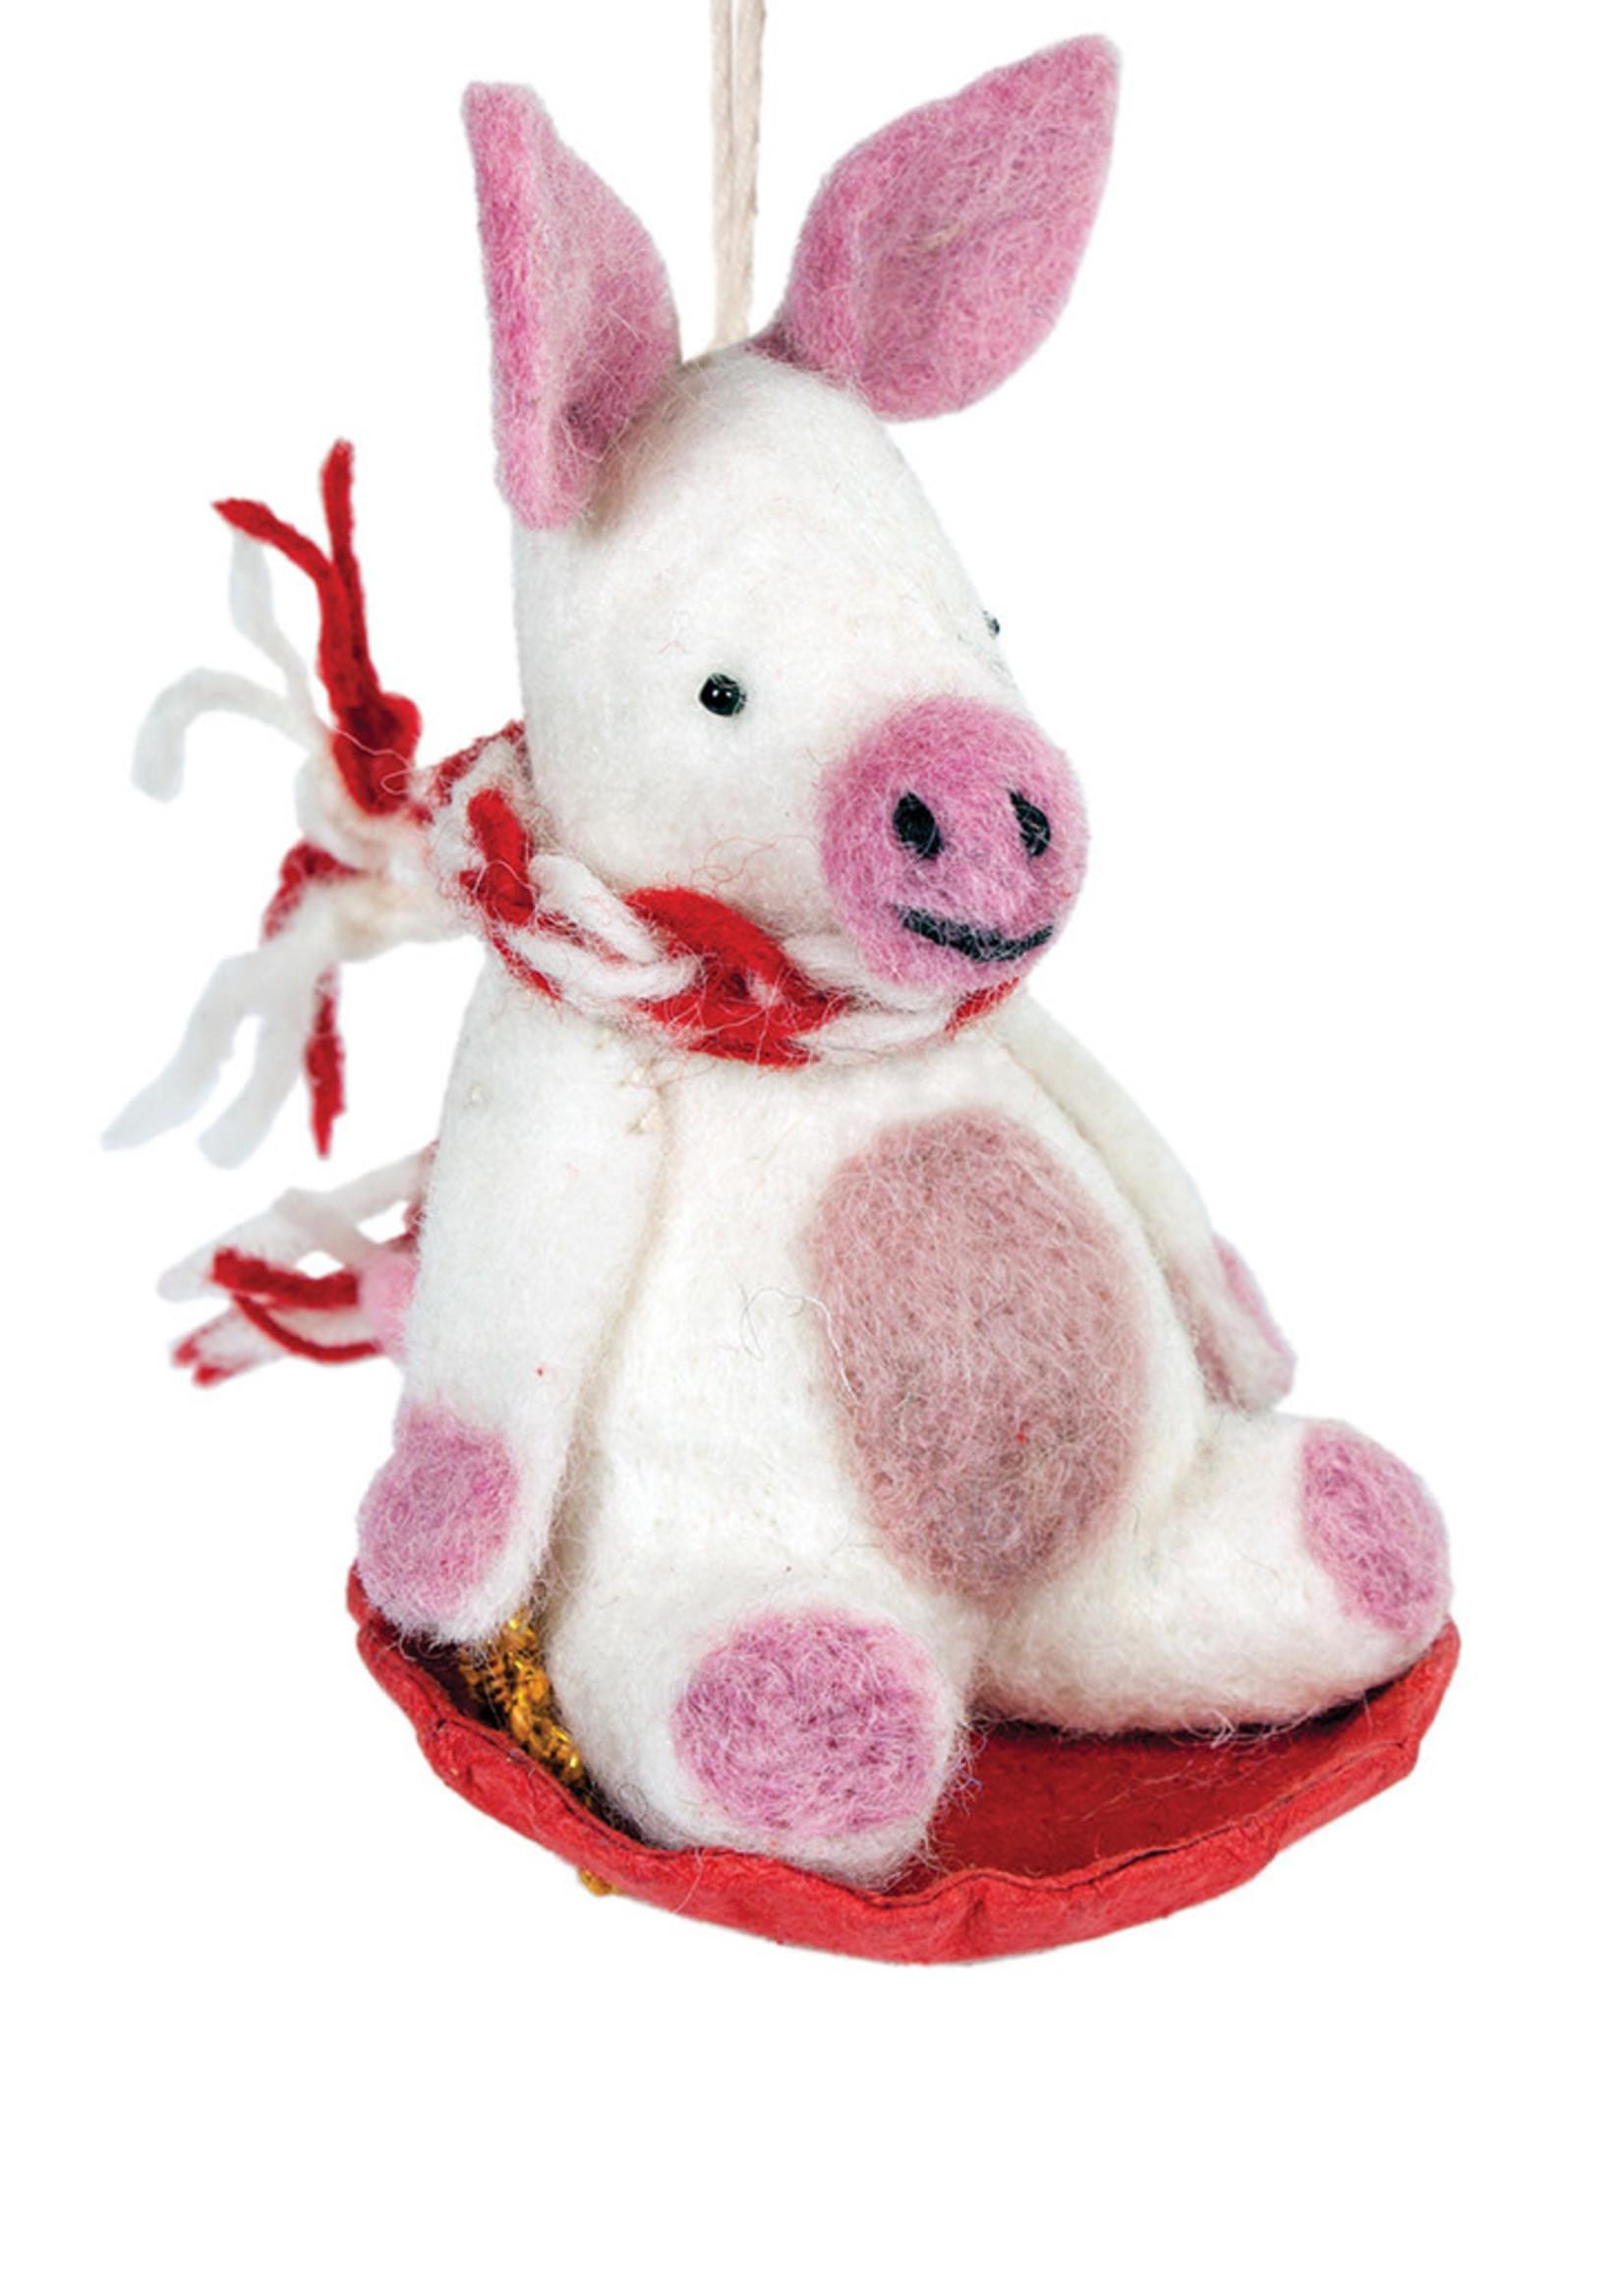 dZi Piggles the Pig Ornament